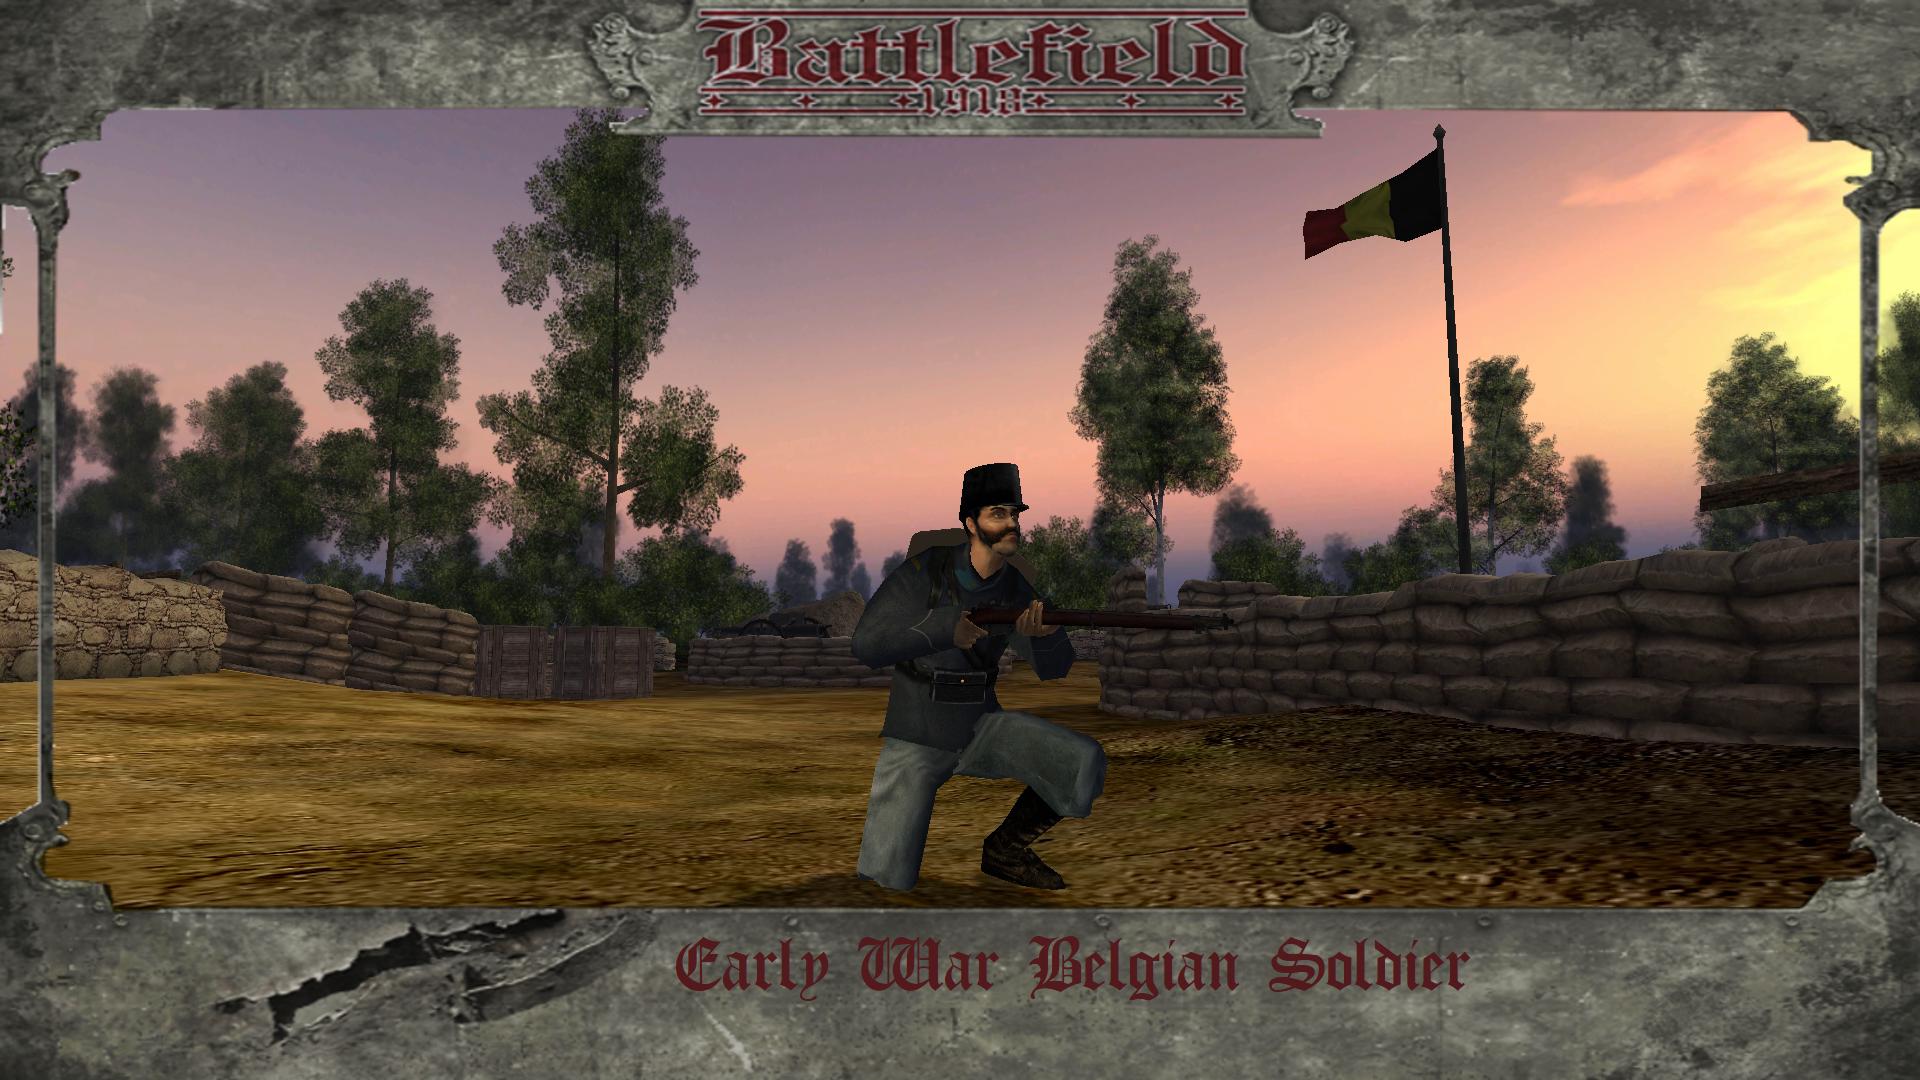 Early War Belgium Soldier